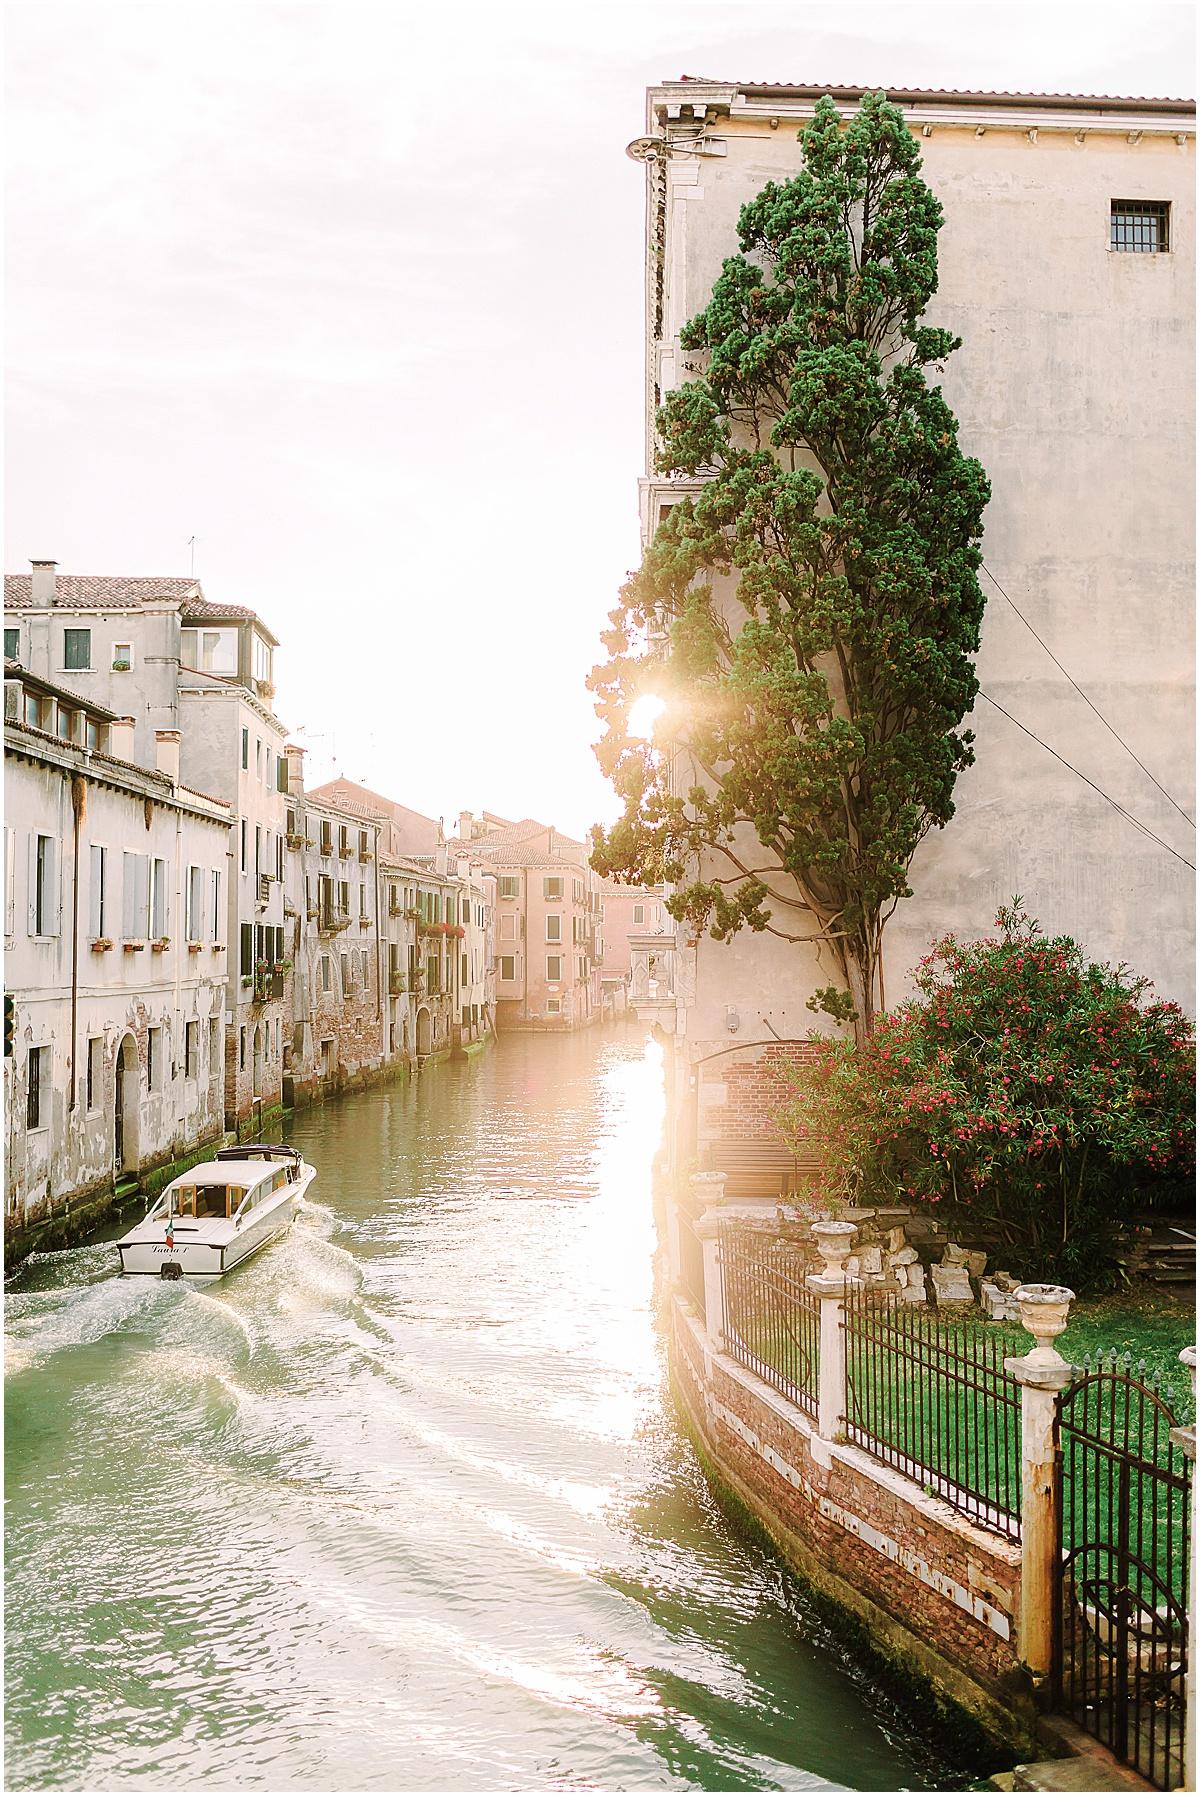 lifestyle-photographer-couple-in-venice-gondola-sunset-stefano-degirmenci_0329.jpg